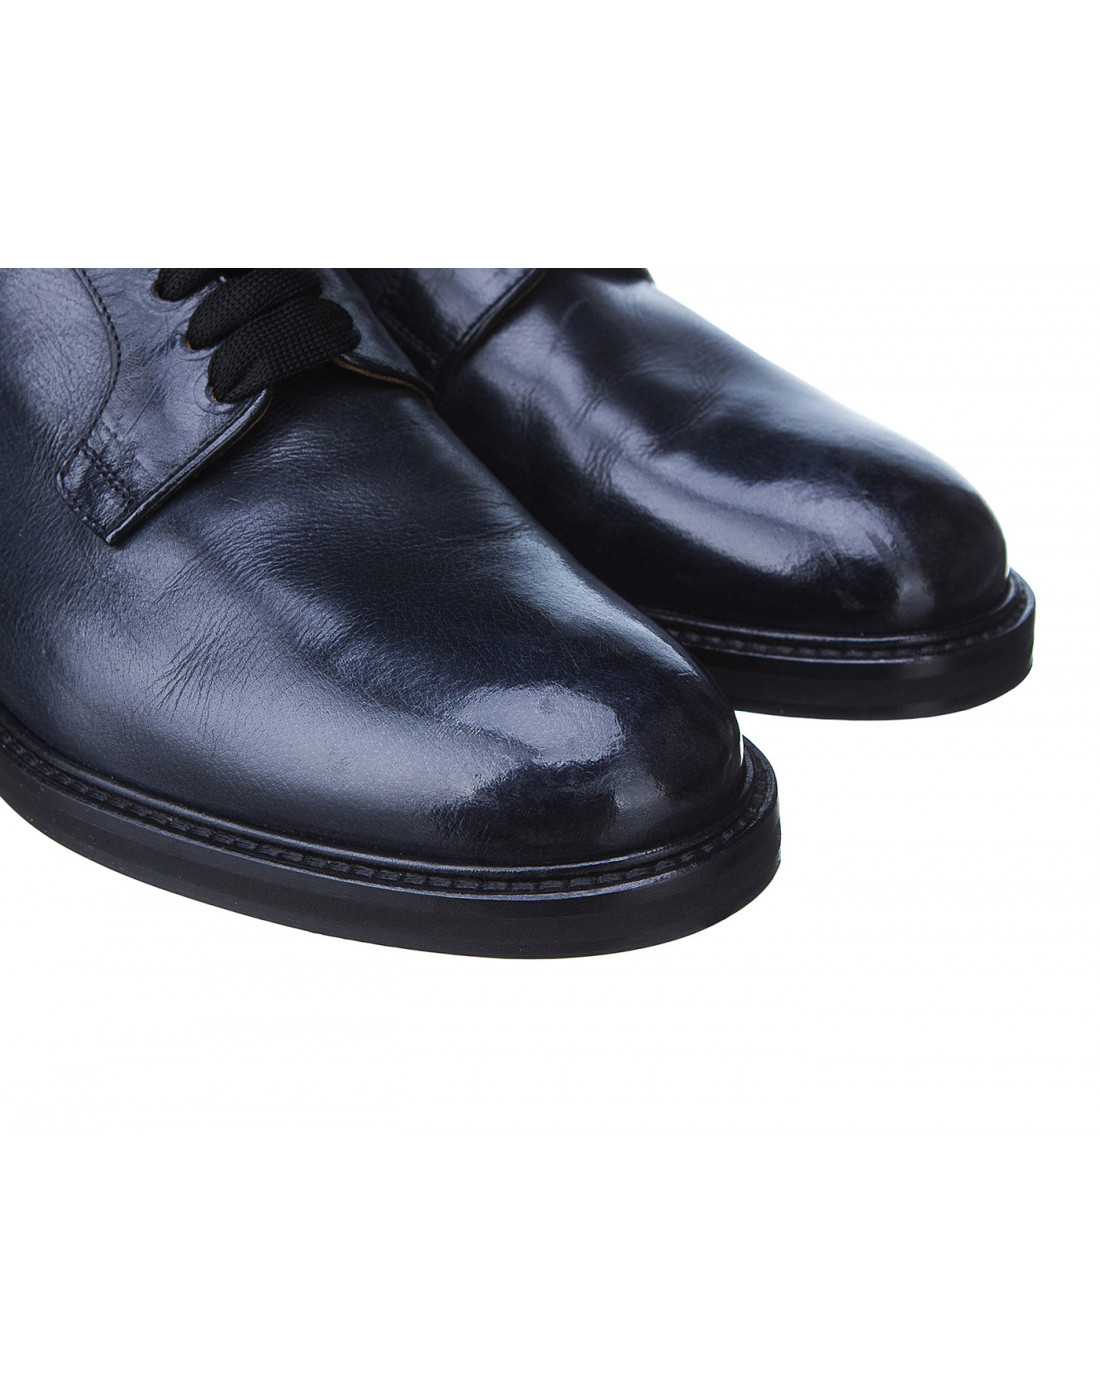 Туфли синие женские Doucal's SD8257-4